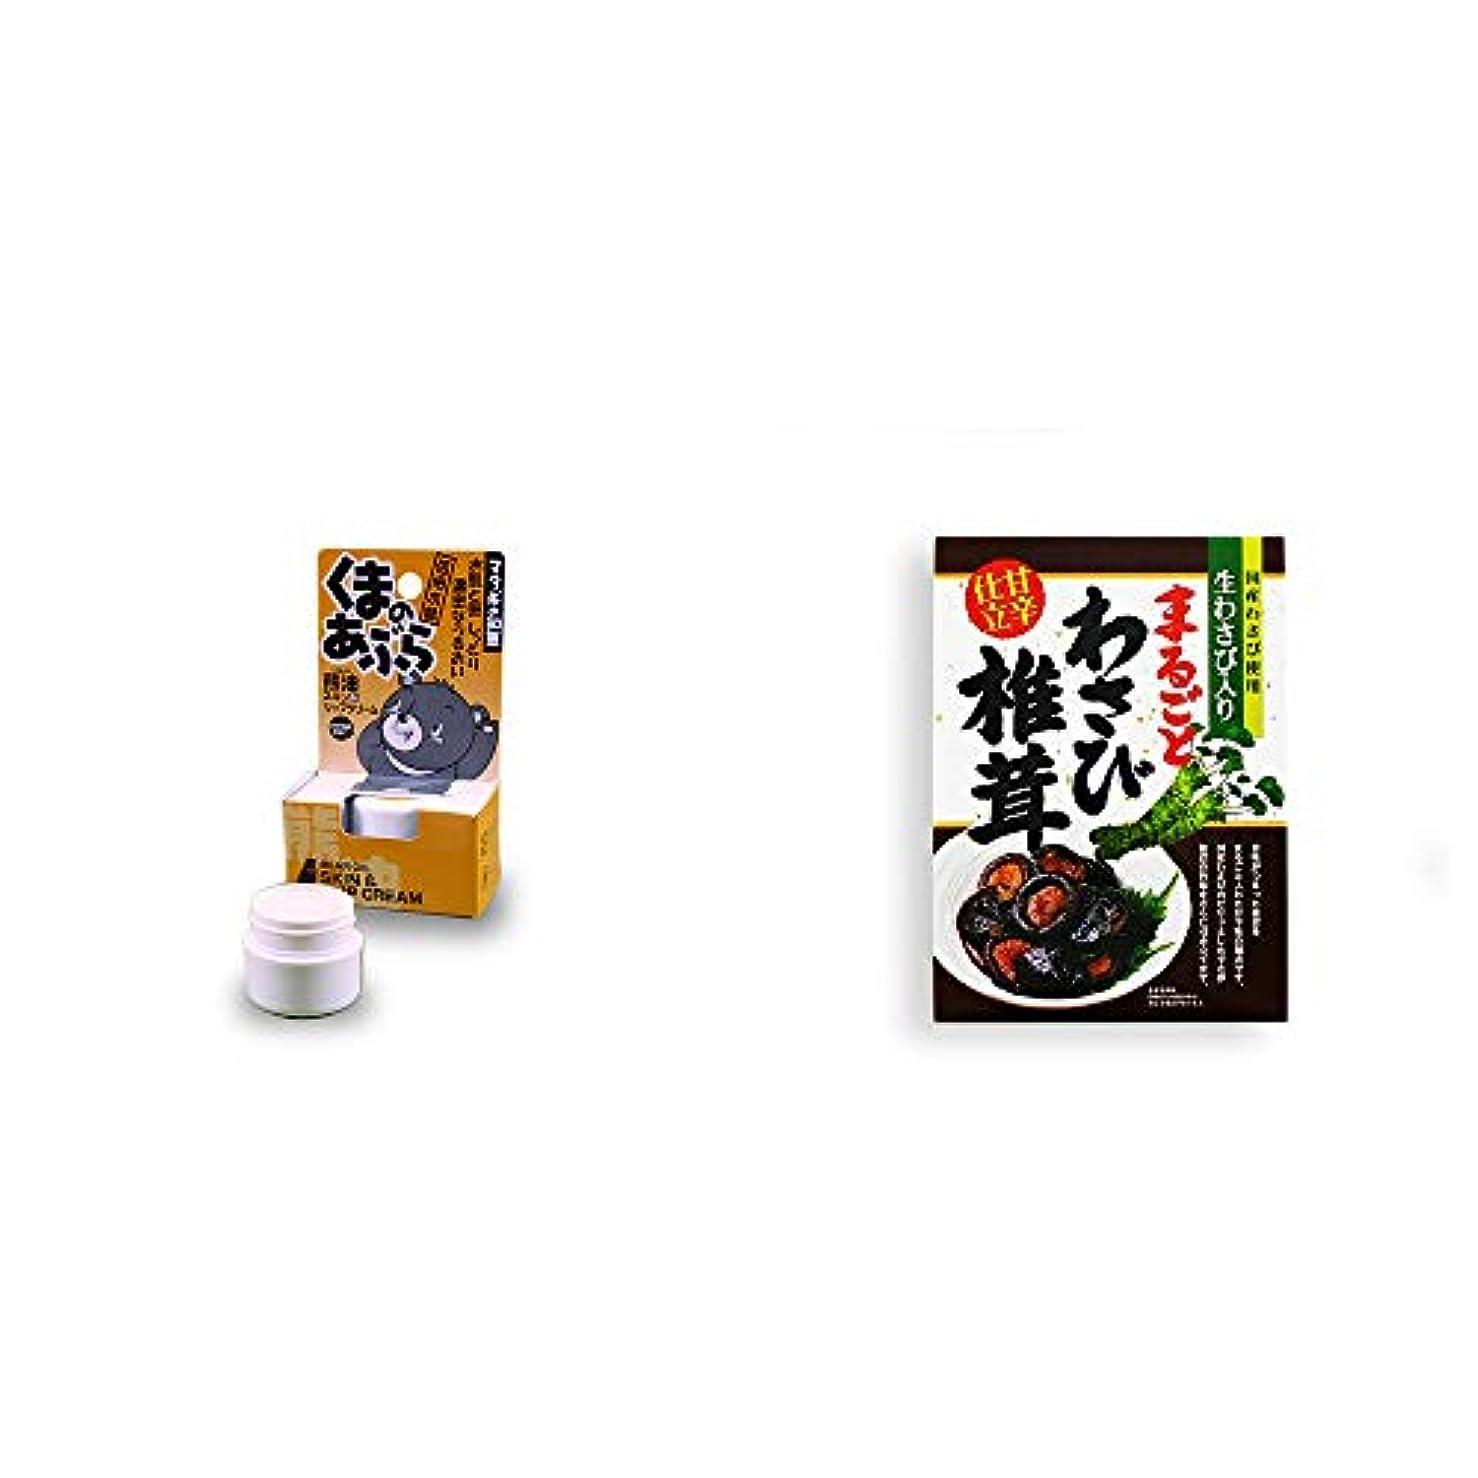 列車トーク便利[2点セット] 信州木曽 くまのあぶら 熊油スキン&リップクリーム(9g)?まるごとわさび椎茸(200g)